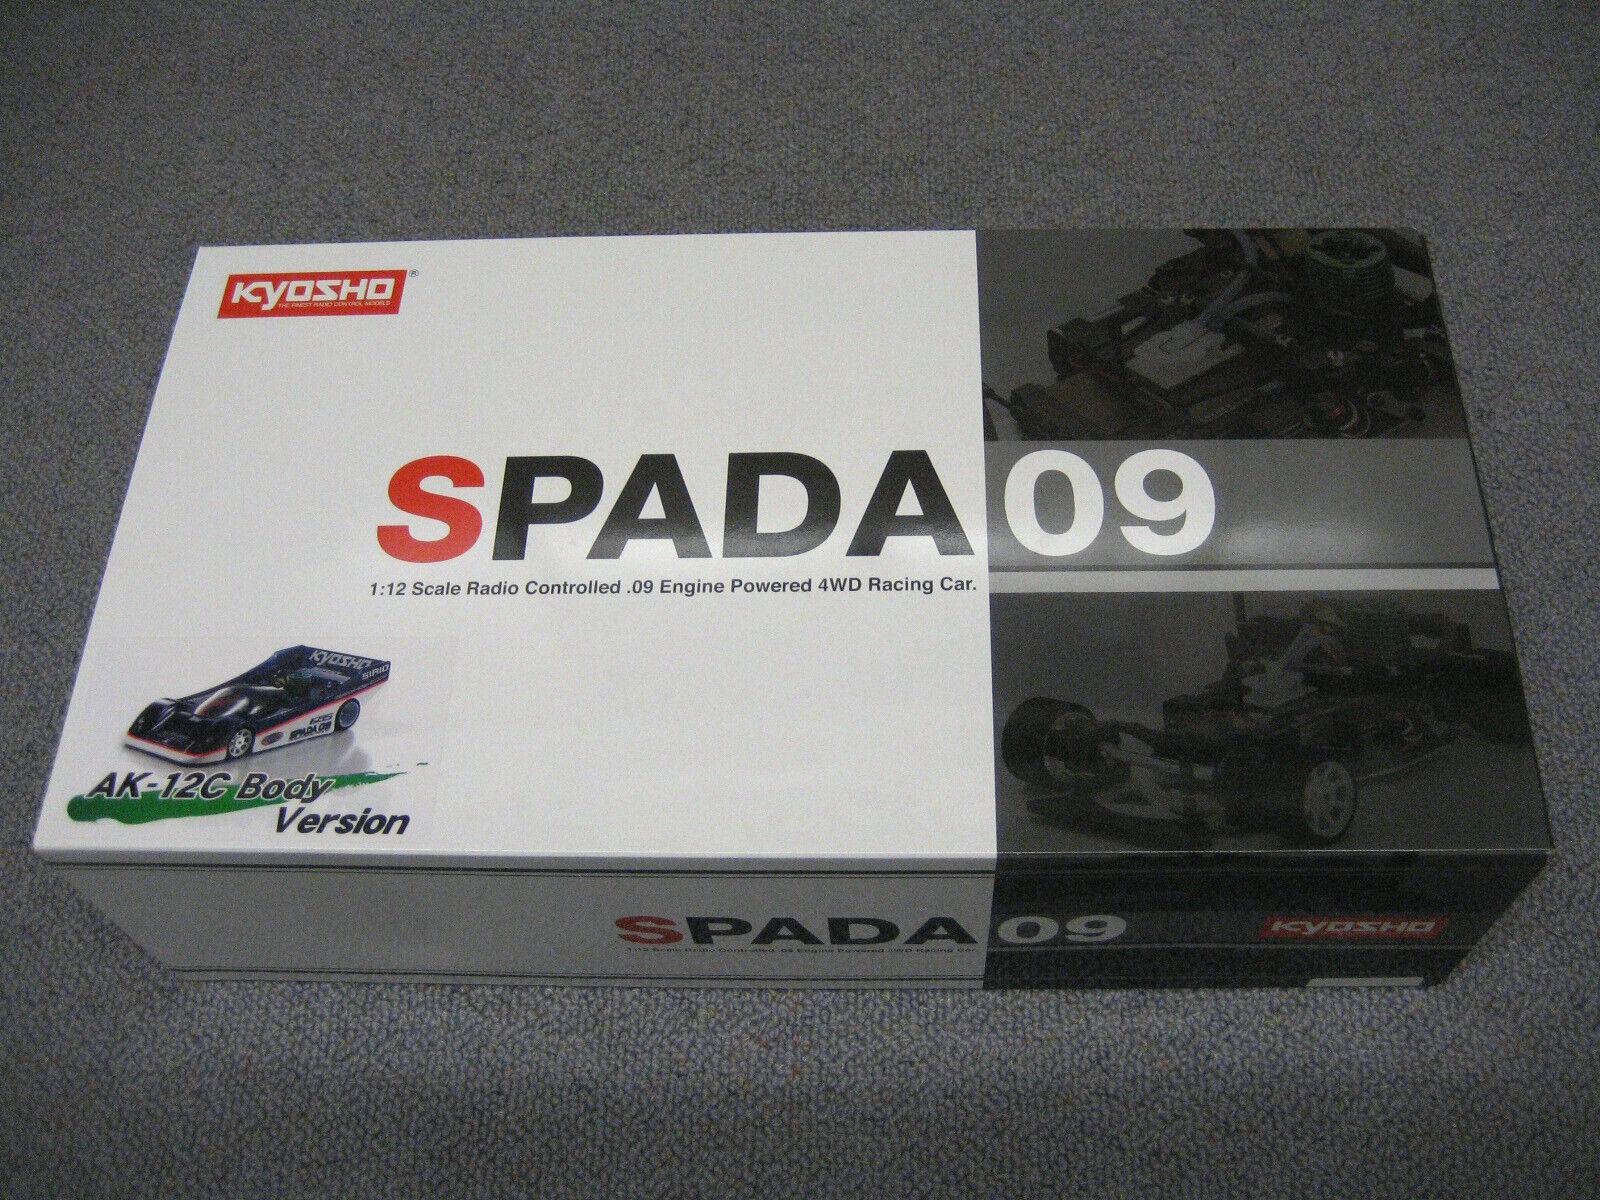 RC Kyosho KIT Spada 09 AK-12C corpo versione No.31322 Nuovo Nuovo Con Scatola 2007 (Tamiya)